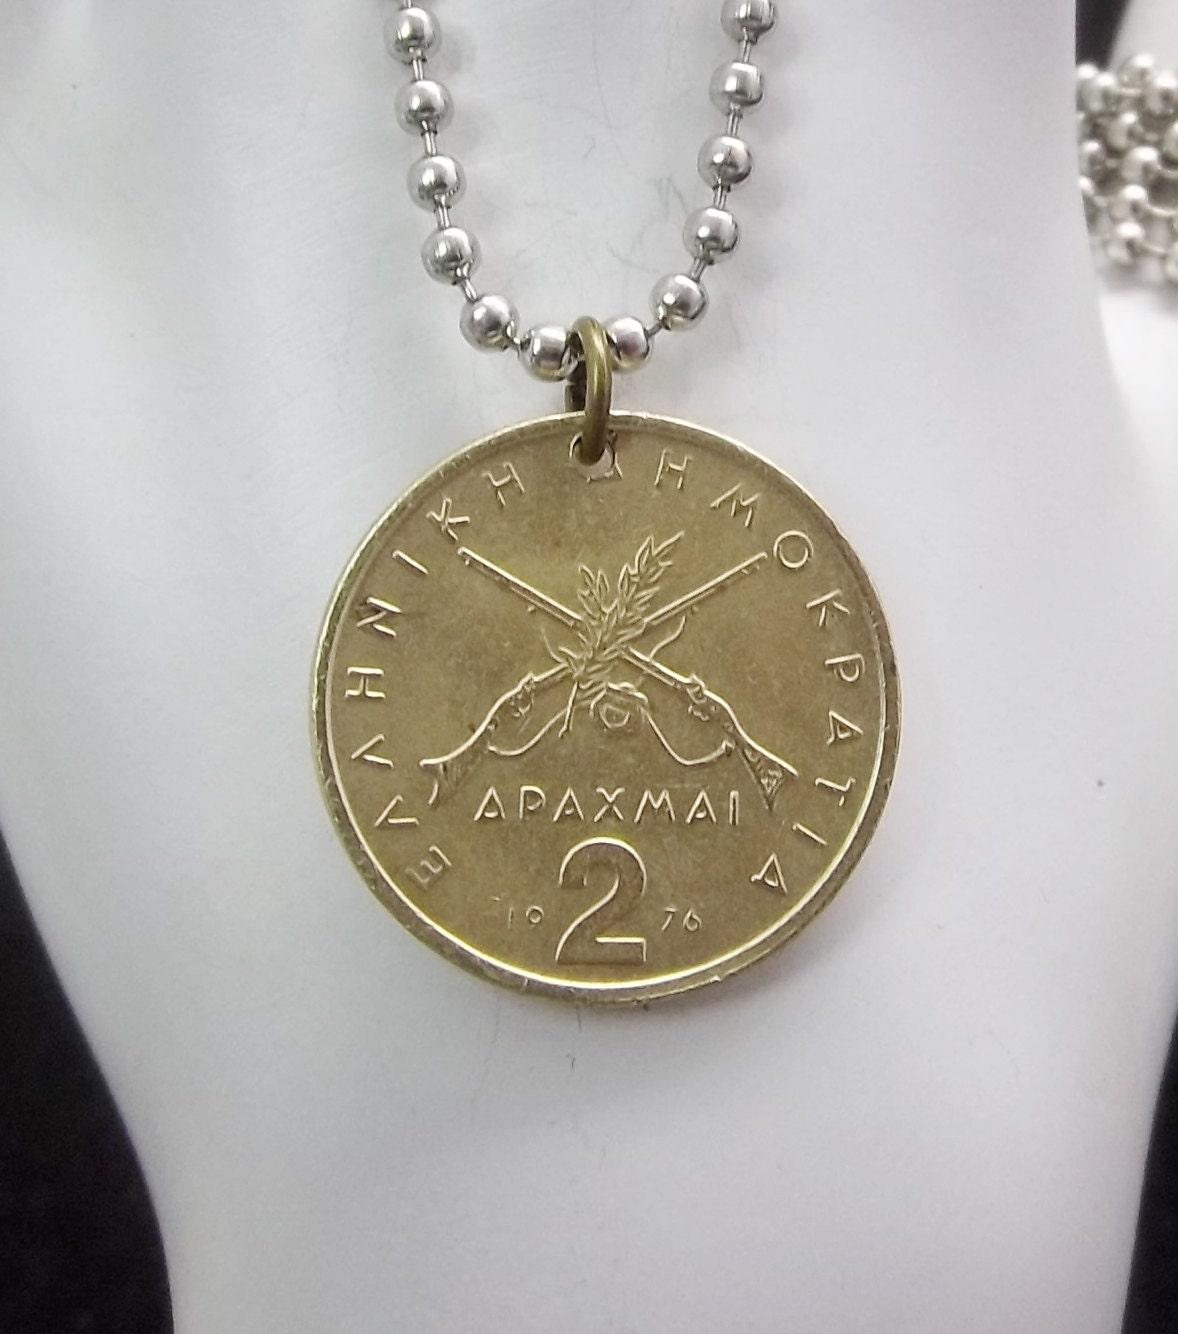 coin necklace 2 drachmai coin pendant s